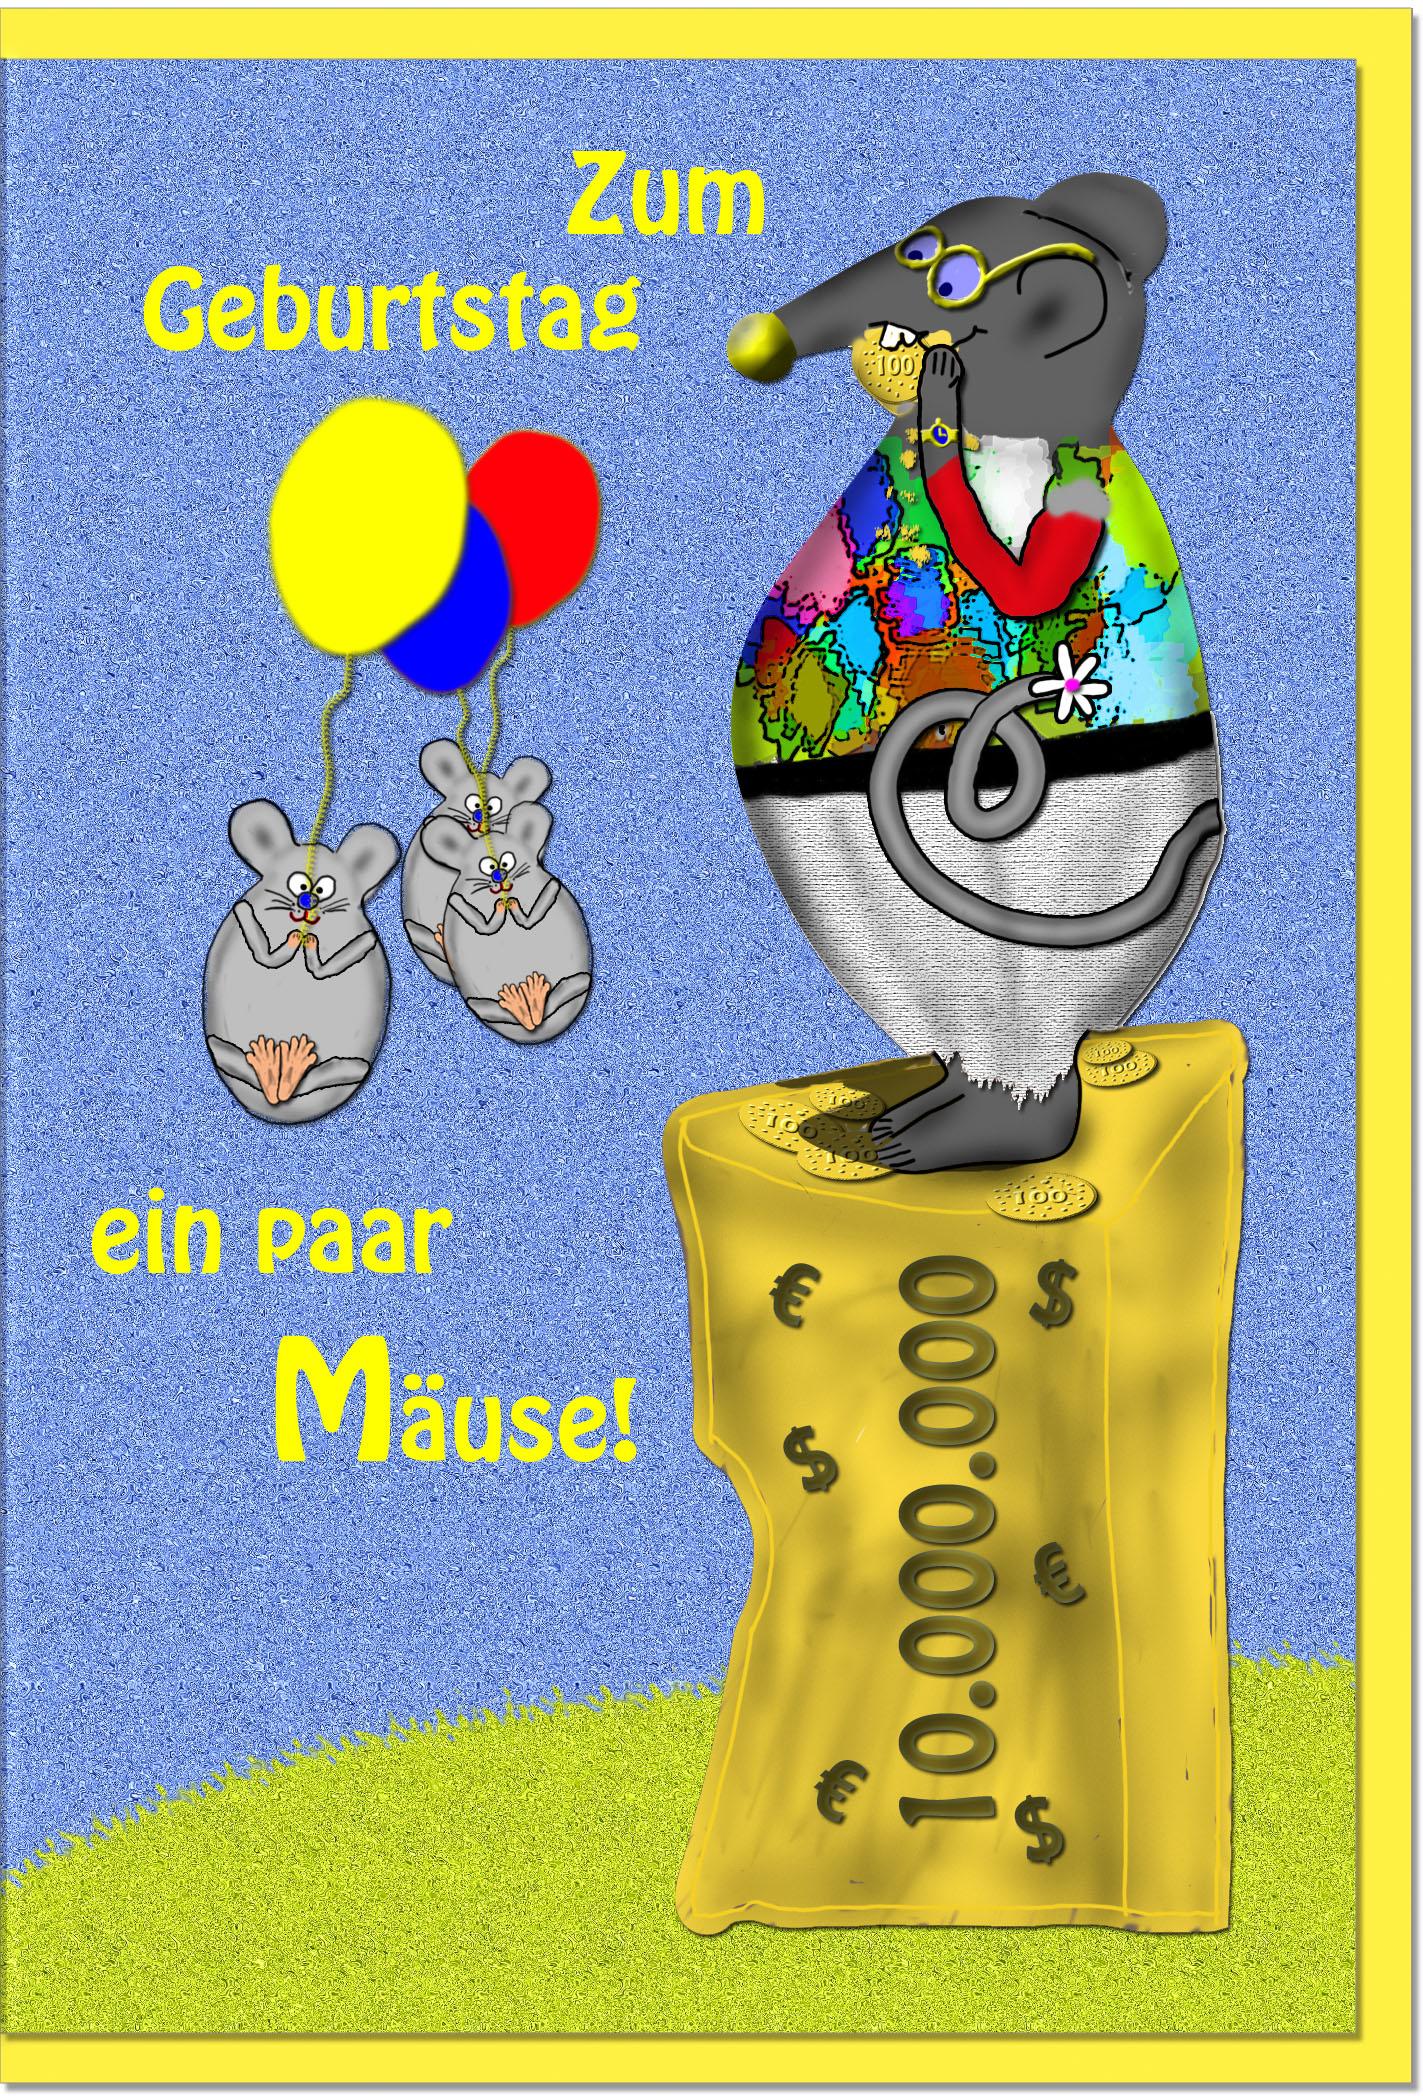 Geburtstagskarten / Grußkarten /Geburtstag Maus